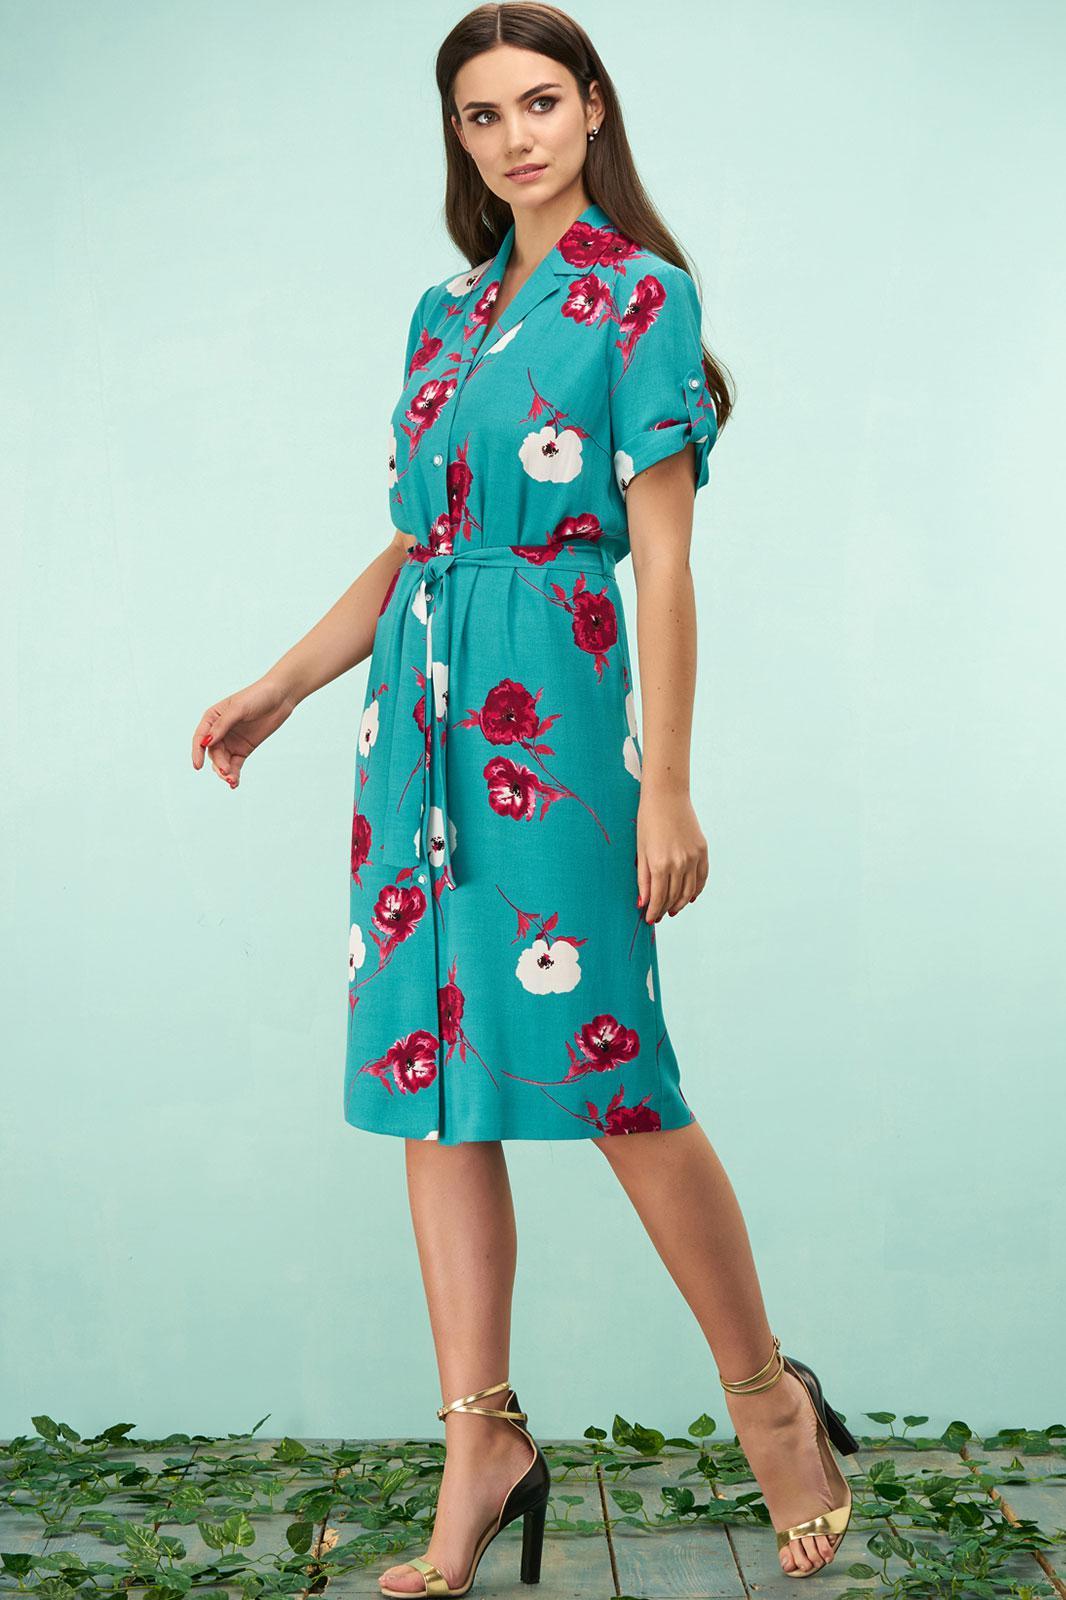 Купить Платье Bazalini, 3162 бирюзовый, Беларусь